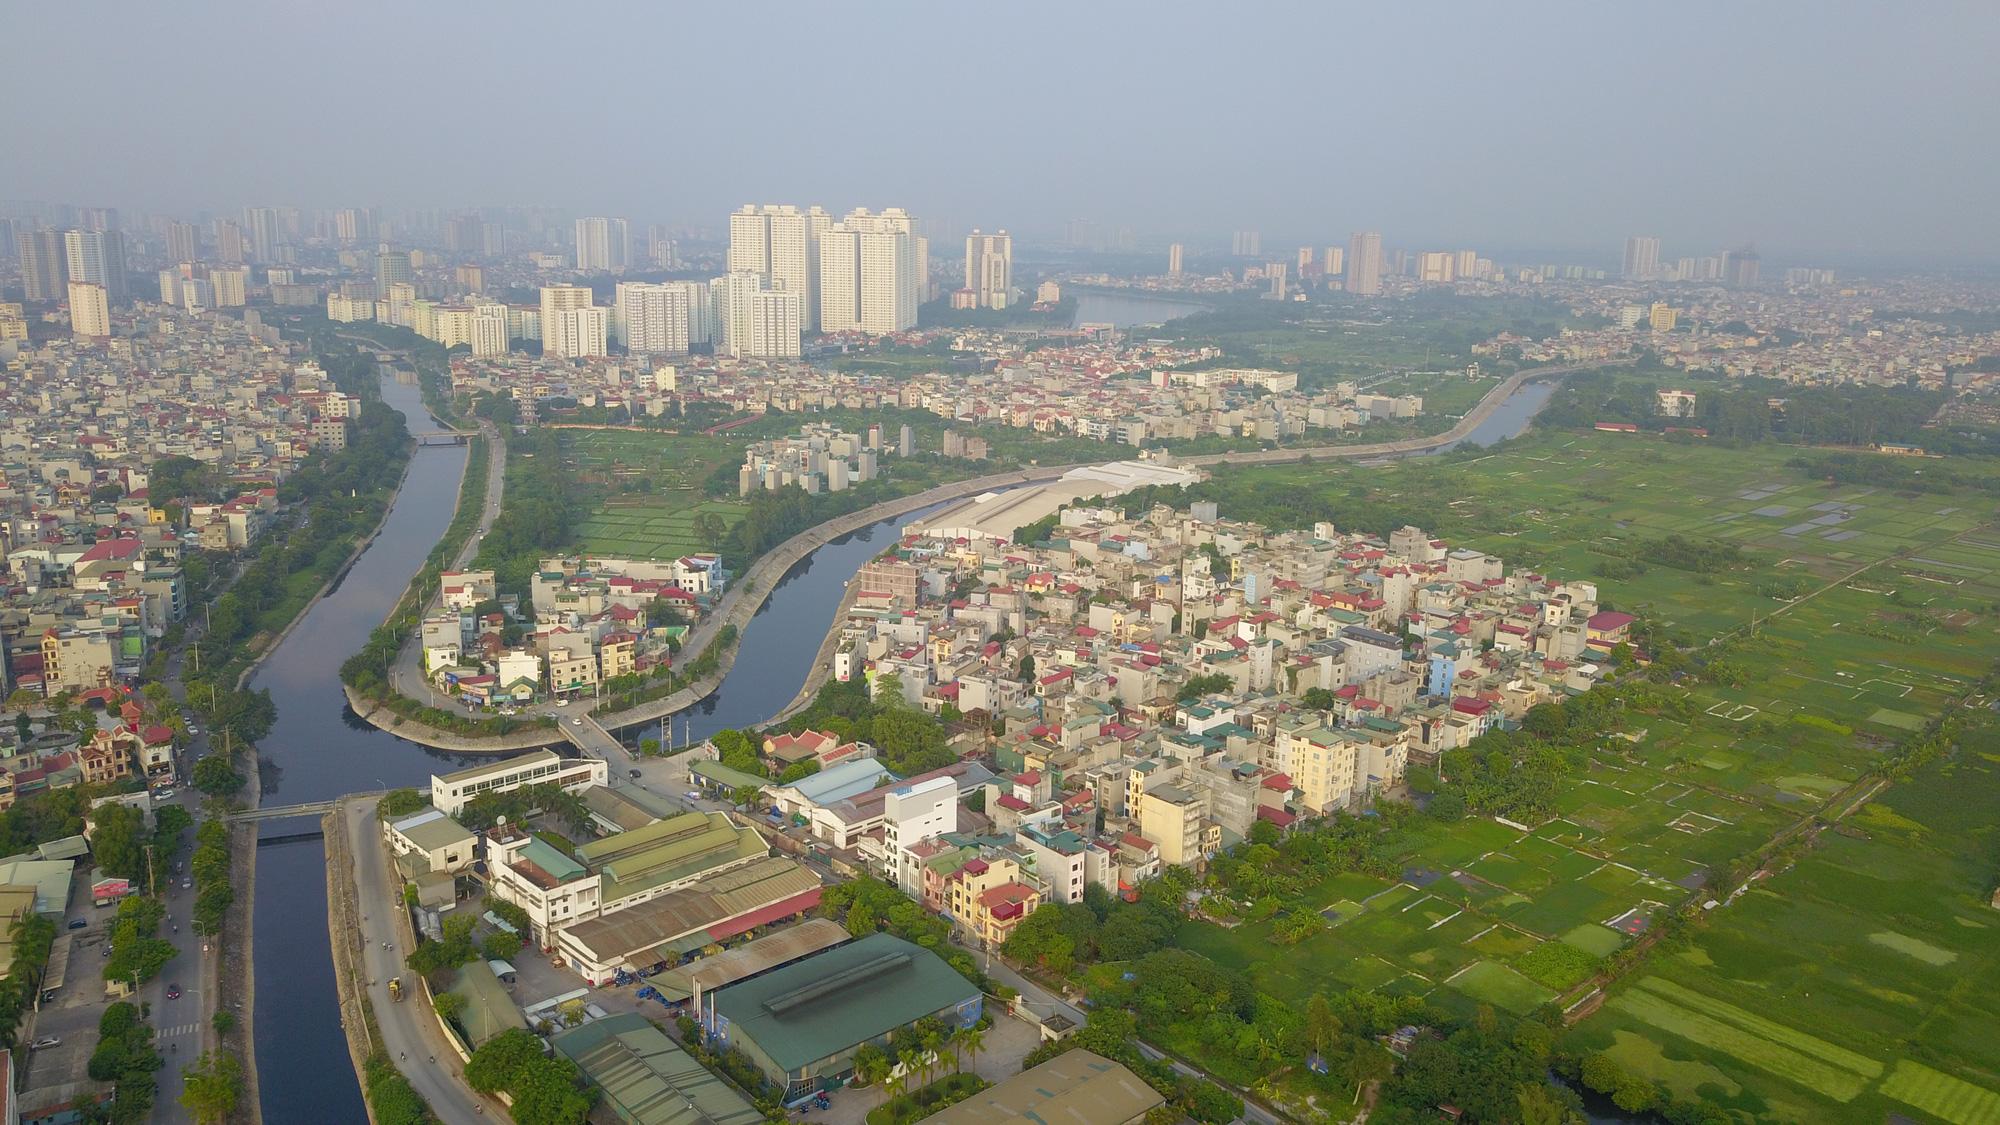 Nhiệm kỳ bộ trưởng Phạm Hồng Hà, thị trường bất động sản ra sao? - Ảnh 5.